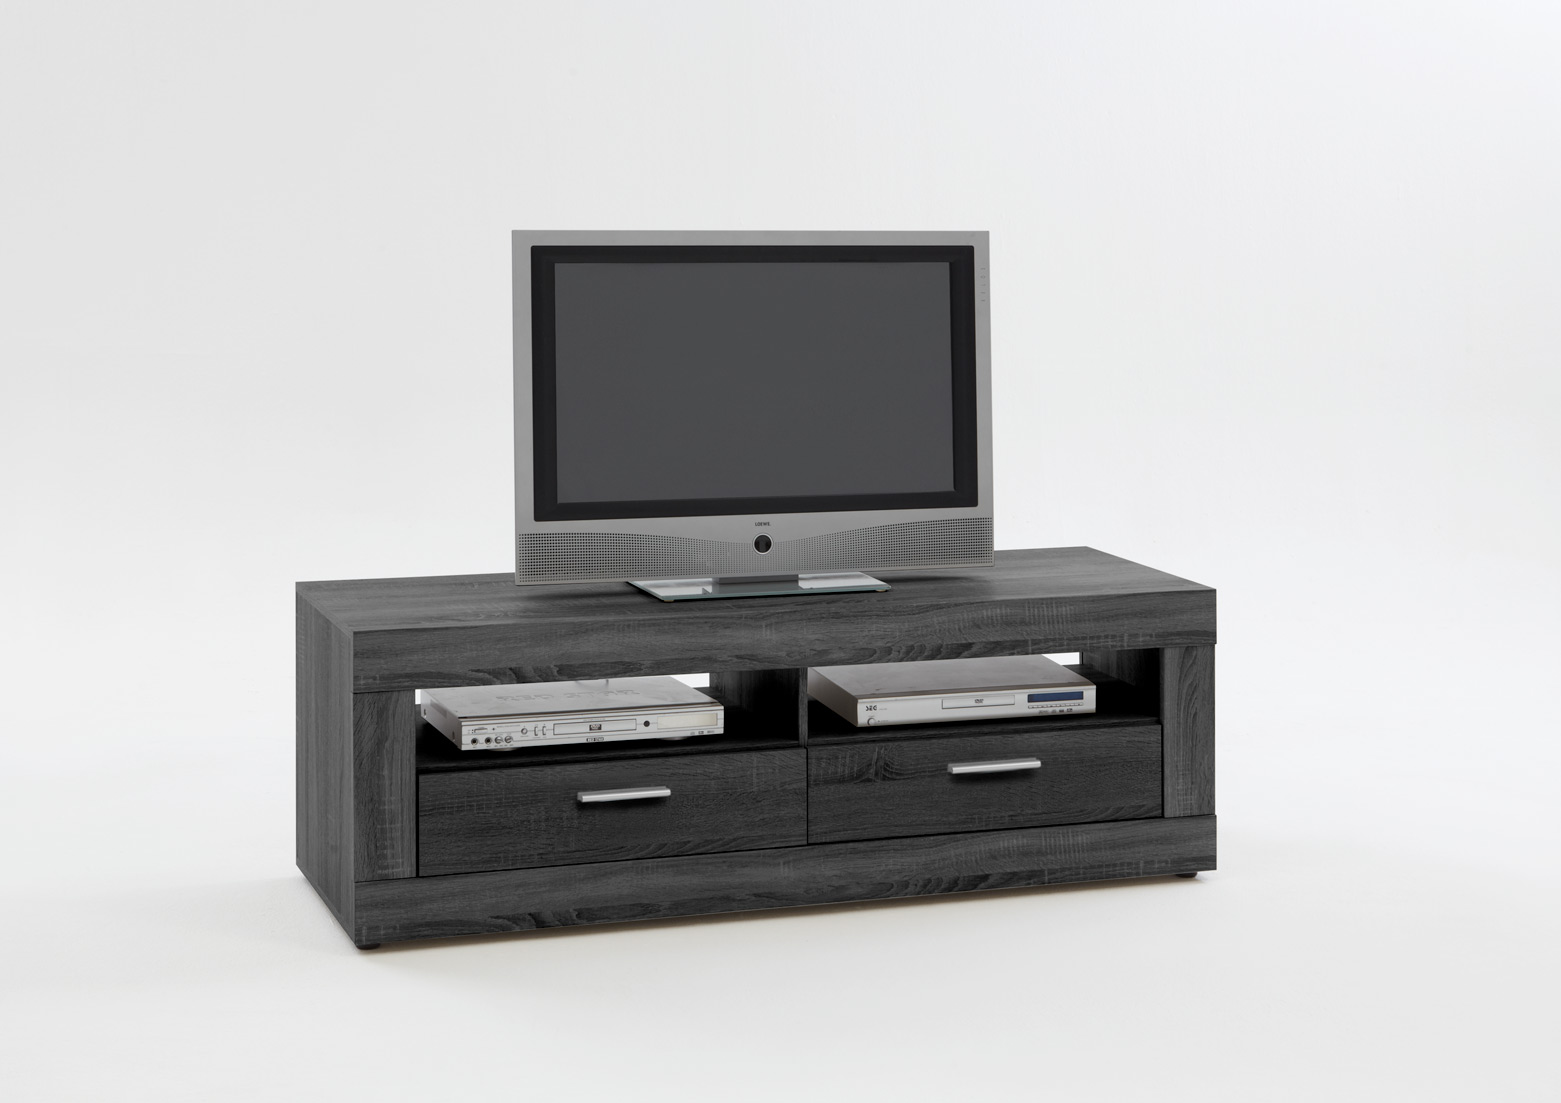 Tv meubel set simple woonkamer set hoogglans elegant tv for Meubel set